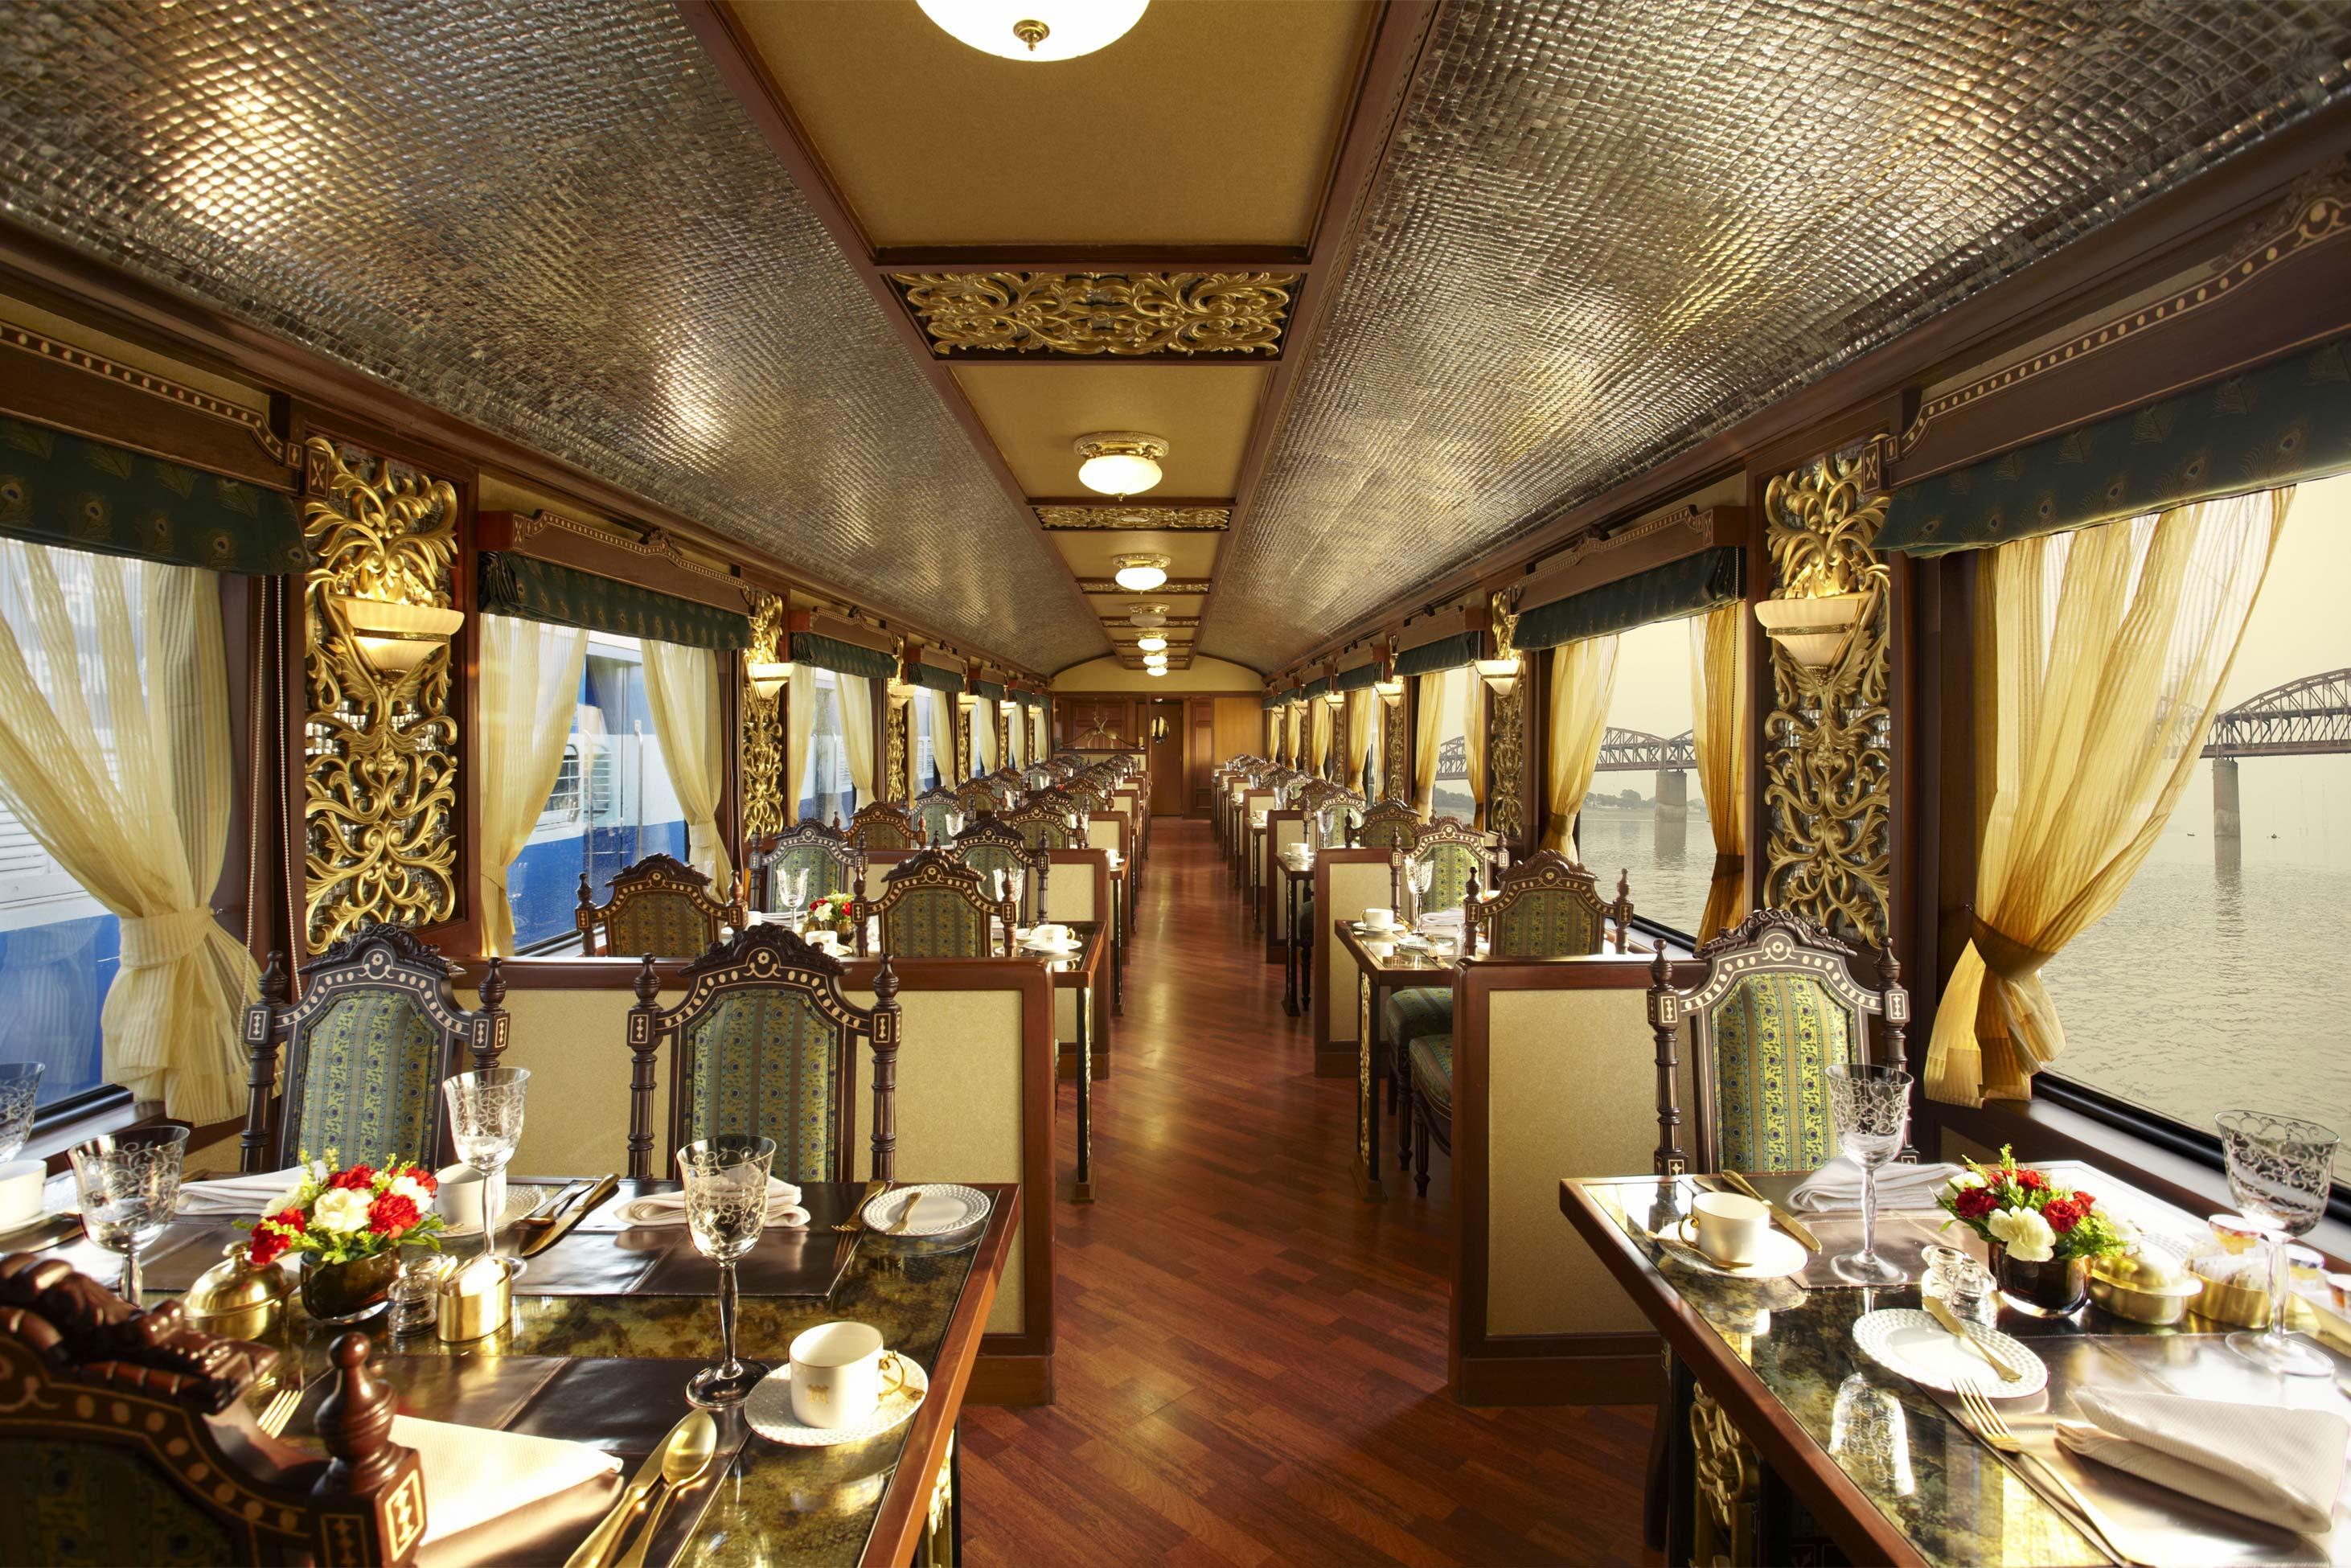 Поезд Maharajas Express Цена за билет: от 6 840 долларов. Самый роскошный и дорогой поезд в Азии. Яв